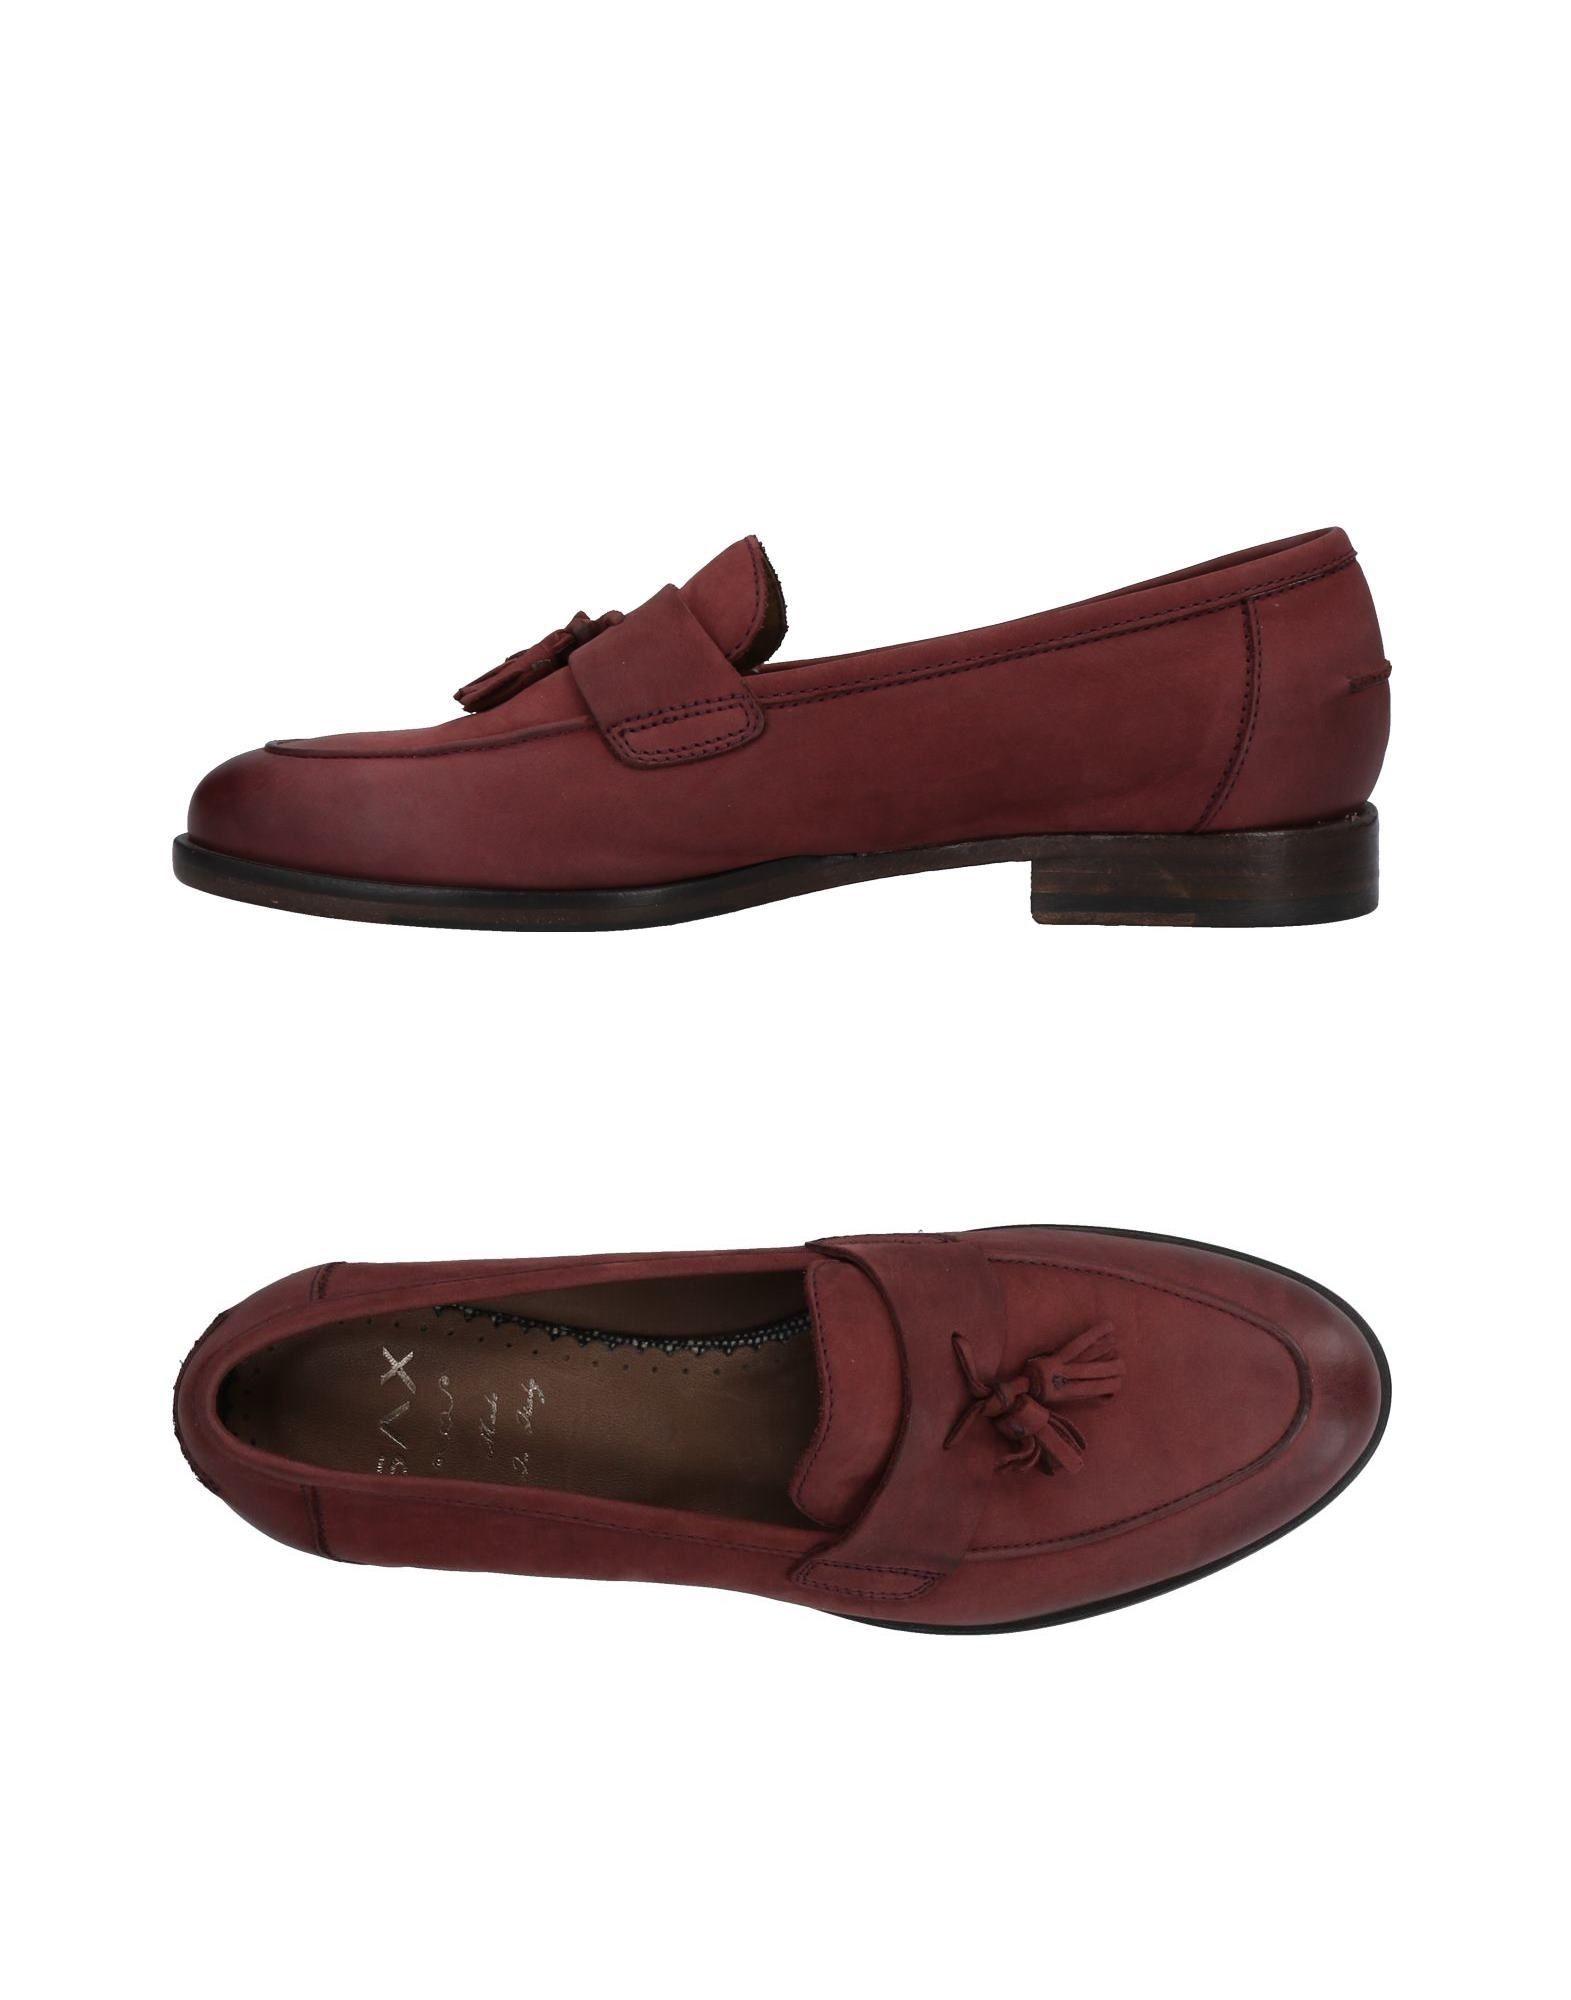 Sax Mokassins Damen  11484152KJ Gute Qualität beliebte Schuhe